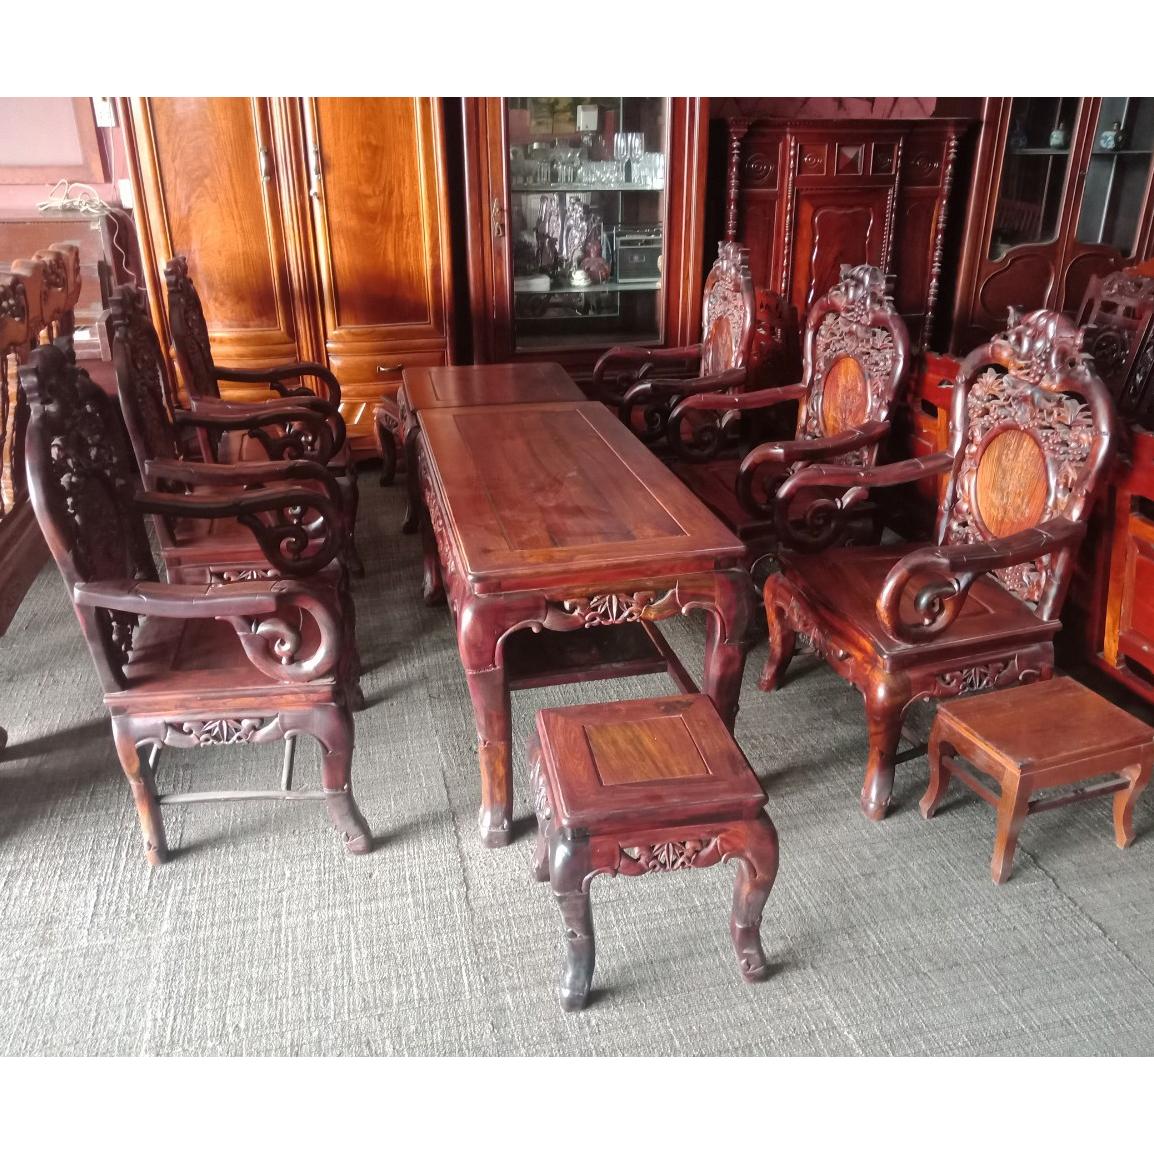 thanh lý bộ bàn ghế gỗ phòng khách cũ tại hải phòng 0834.567.824